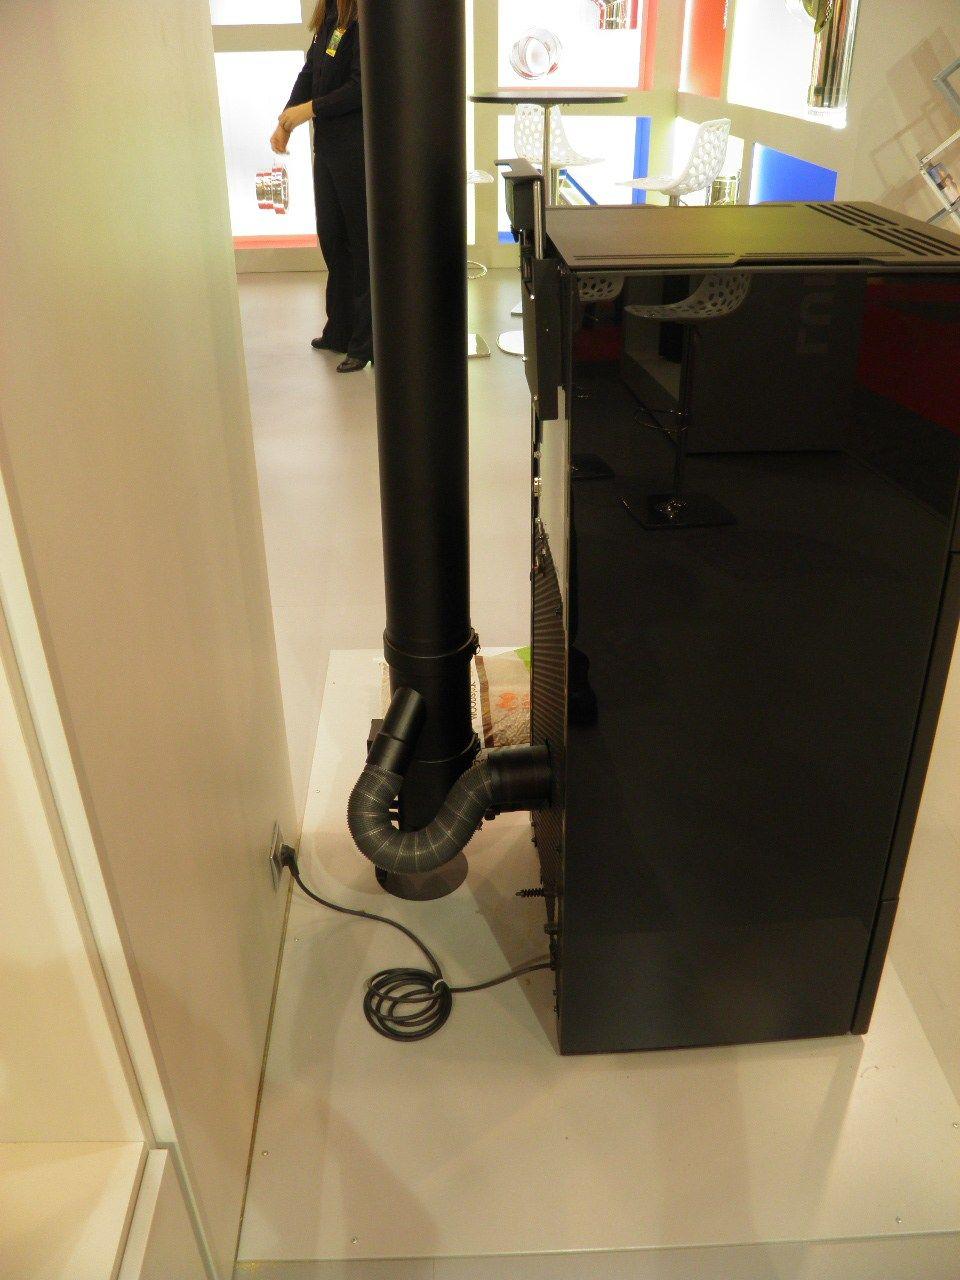 conduit d 39 vacuation de la fum e en acier inoxydable dualis pgi by ala distributore poujoulat. Black Bedroom Furniture Sets. Home Design Ideas